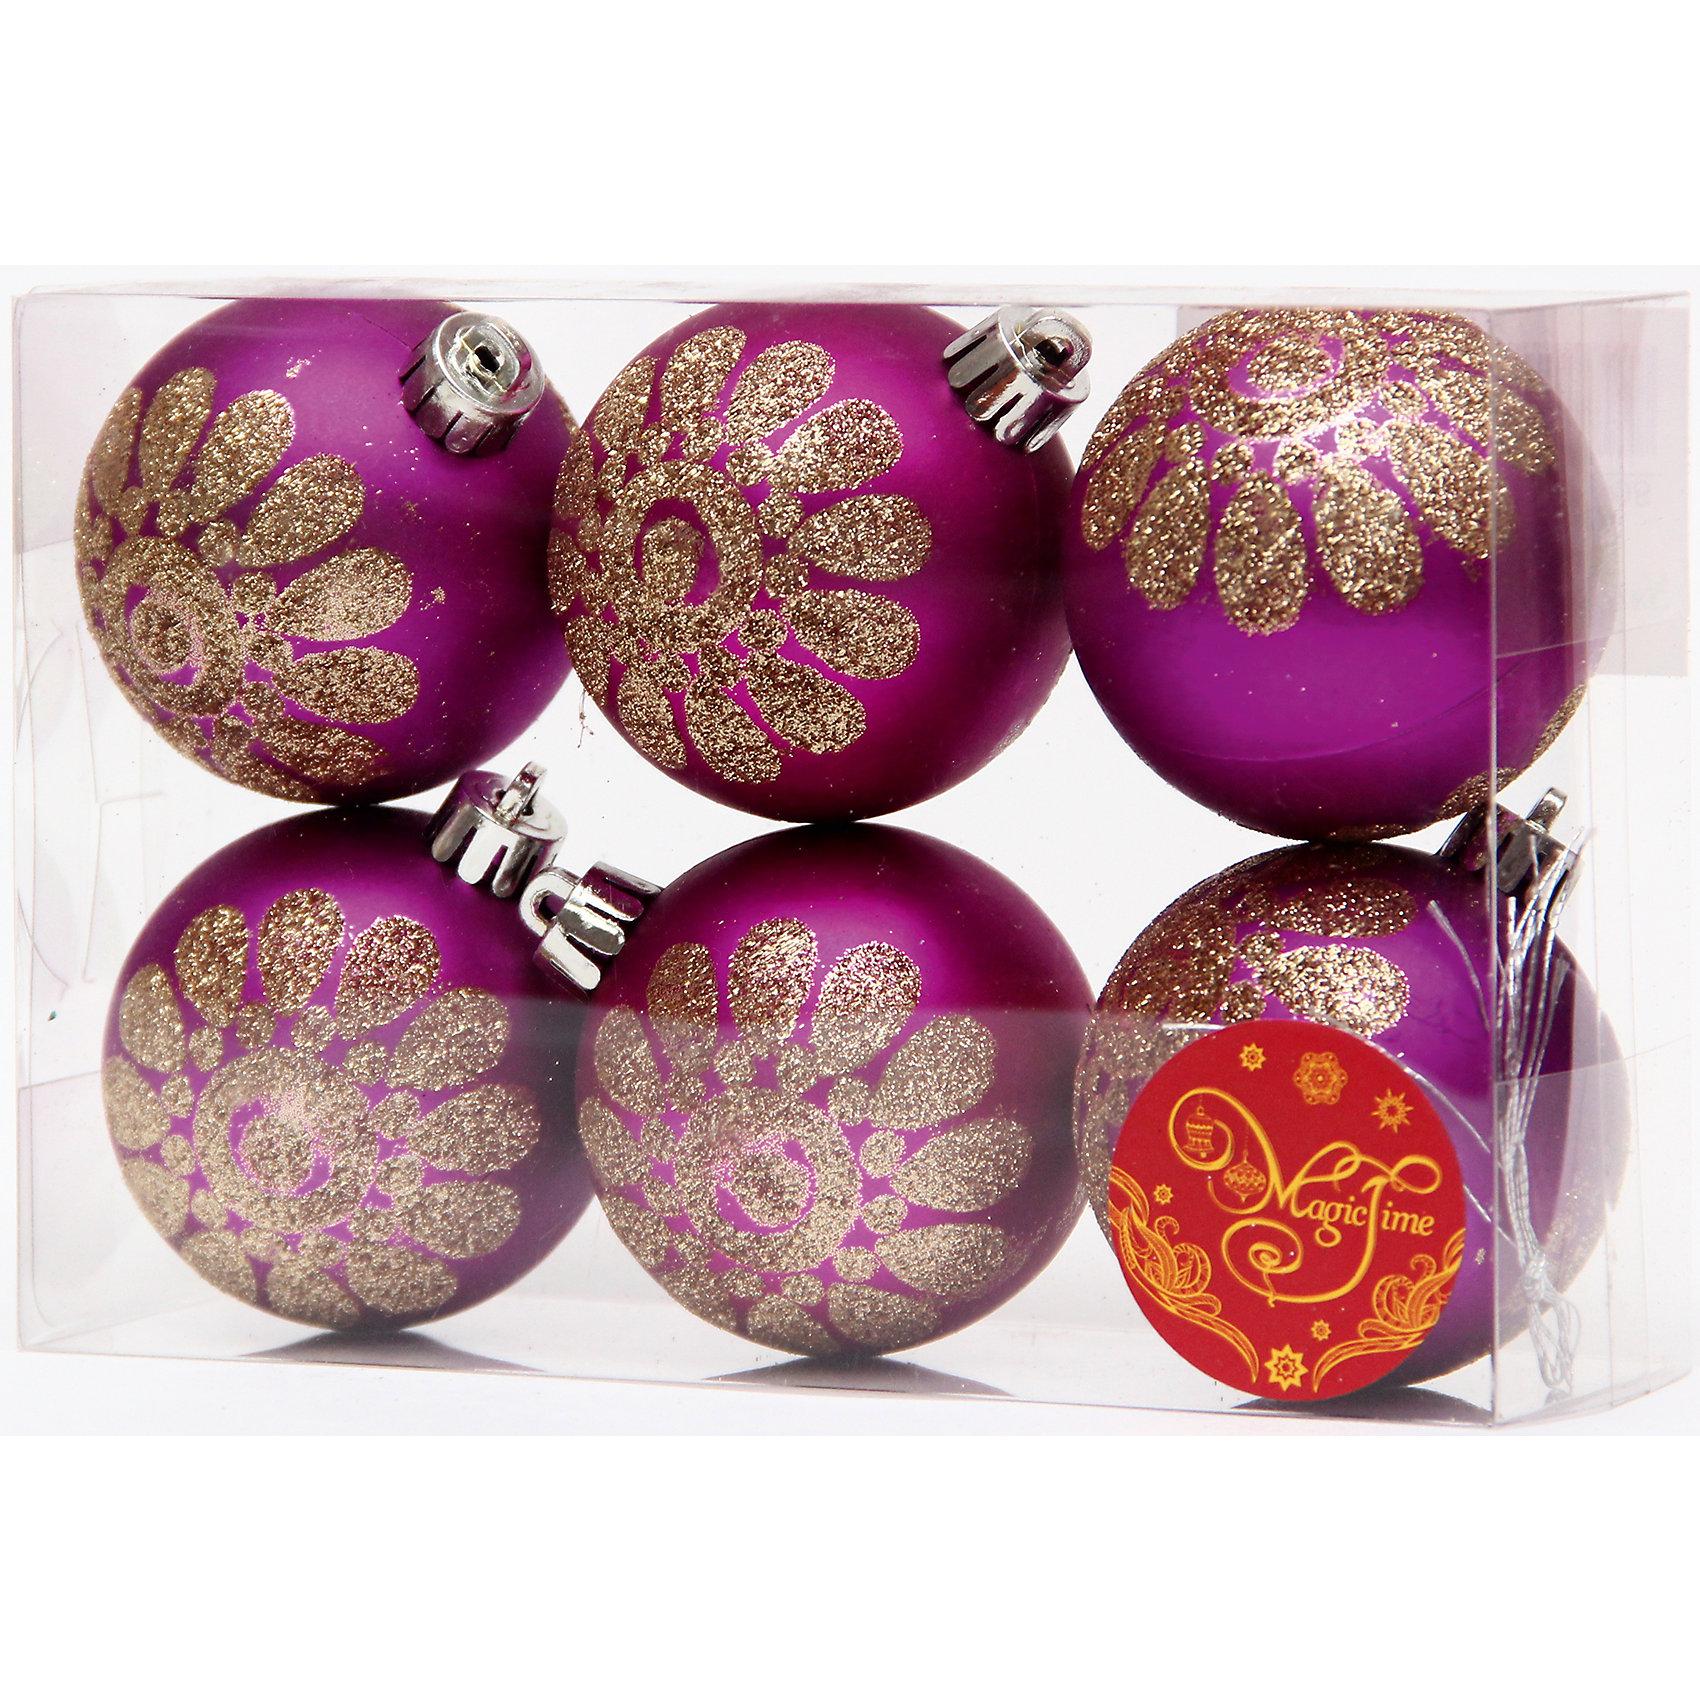 Набор шаров Пурпурный с золотым цветком 6 штВсё для праздника<br>Набор шаров Пурпурный с золотым цветком 6 шт – этот набор принесет в ваш дом ни с чем несравнимое ощущение праздника!<br>Набор новогодних подвесных украшений Пурпурный с золотым цветком прекрасно подойдет для праздничного декора вашей ели. Набор состоит из 6 матовых шаров пурпурного цвета, изготовленных из полистирола. Каждый шар украшен блестящим золотым цветком. Для удобного размещения на елке для каждого шара предусмотрена петелька. Елочная игрушка - символ Нового года. Она несет в себе волшебство и красоту праздника. Создайте в своем доме атмосферу веселья и радости, украшая новогоднюю елку нарядными игрушками, которые будут из года в год накапливать теплоту воспоминаний. Откройте для себя удивительный мир сказок и грез. Почувствуйте волшебные минуты ожидания праздника, создайте новогоднее настроение вашим близким.<br><br>Дополнительная информация:<br><br>- В наборе: 6 шаров<br>- Материал: полистирол<br>- Цвет: пурпурный, золотой<br>- Размер упаковки: 8 х 12 х 6 см.<br><br>Набор шаров Пурпурный с золотым цветком 6 шт можно купить в нашем интернет-магазине.<br><br>Ширина мм: 300<br>Глубина мм: 250<br>Высота мм: 100<br>Вес г: 550<br>Возраст от месяцев: 36<br>Возраст до месяцев: 2147483647<br>Пол: Унисекс<br>Возраст: Детский<br>SKU: 4981553